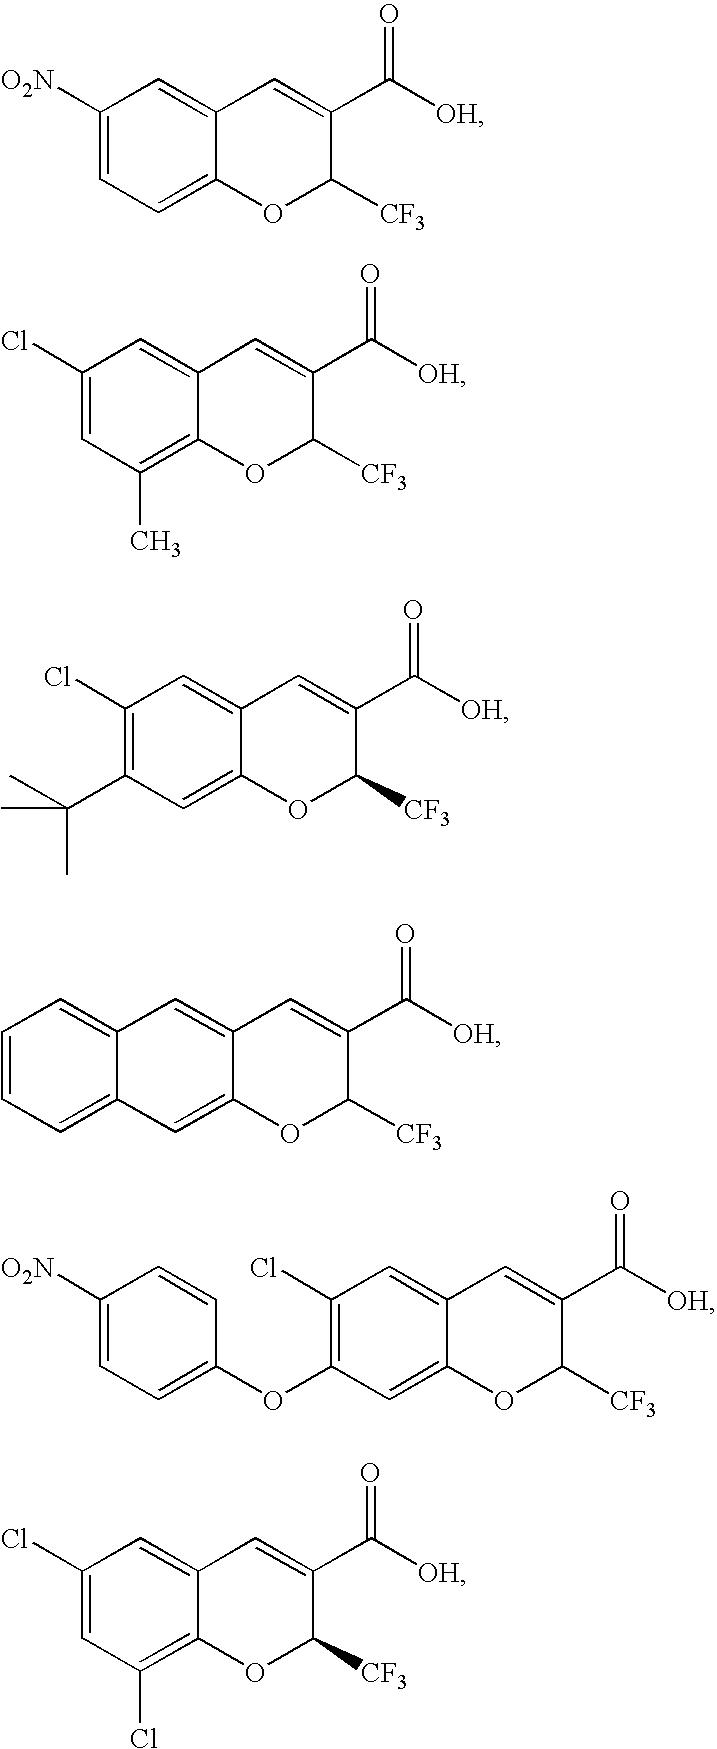 Figure US20030211163A1-20031113-C00037